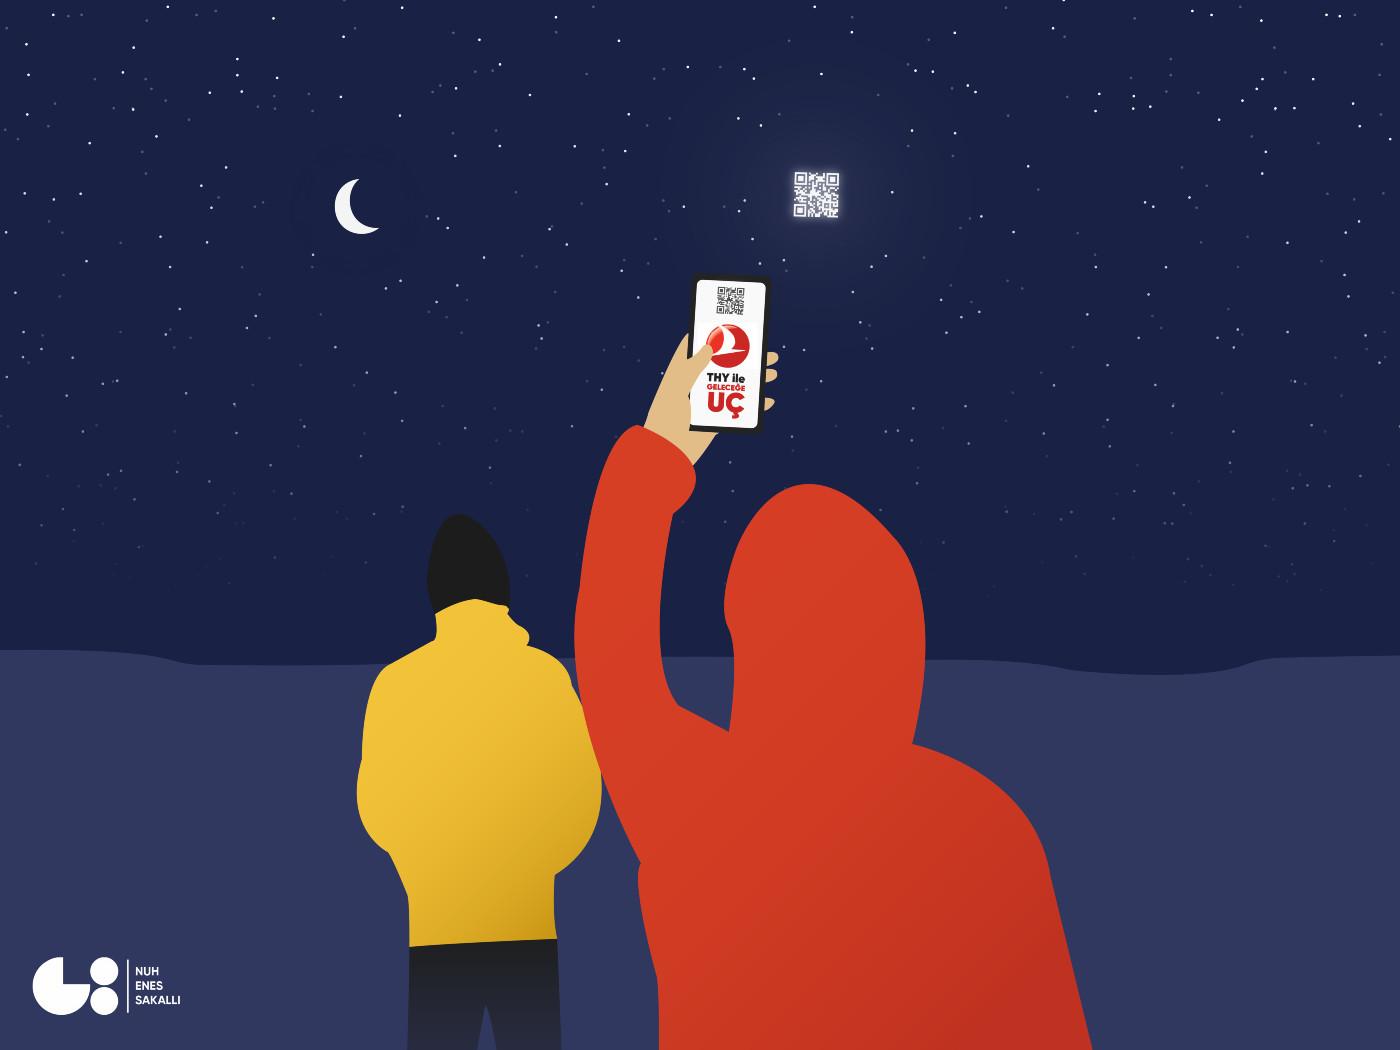 Telefonu ile uzaydaki QR kodu okutan bir genç telefonunda Türk Hava Yolları reklamı görüyor uzay reklamcılığı örneği